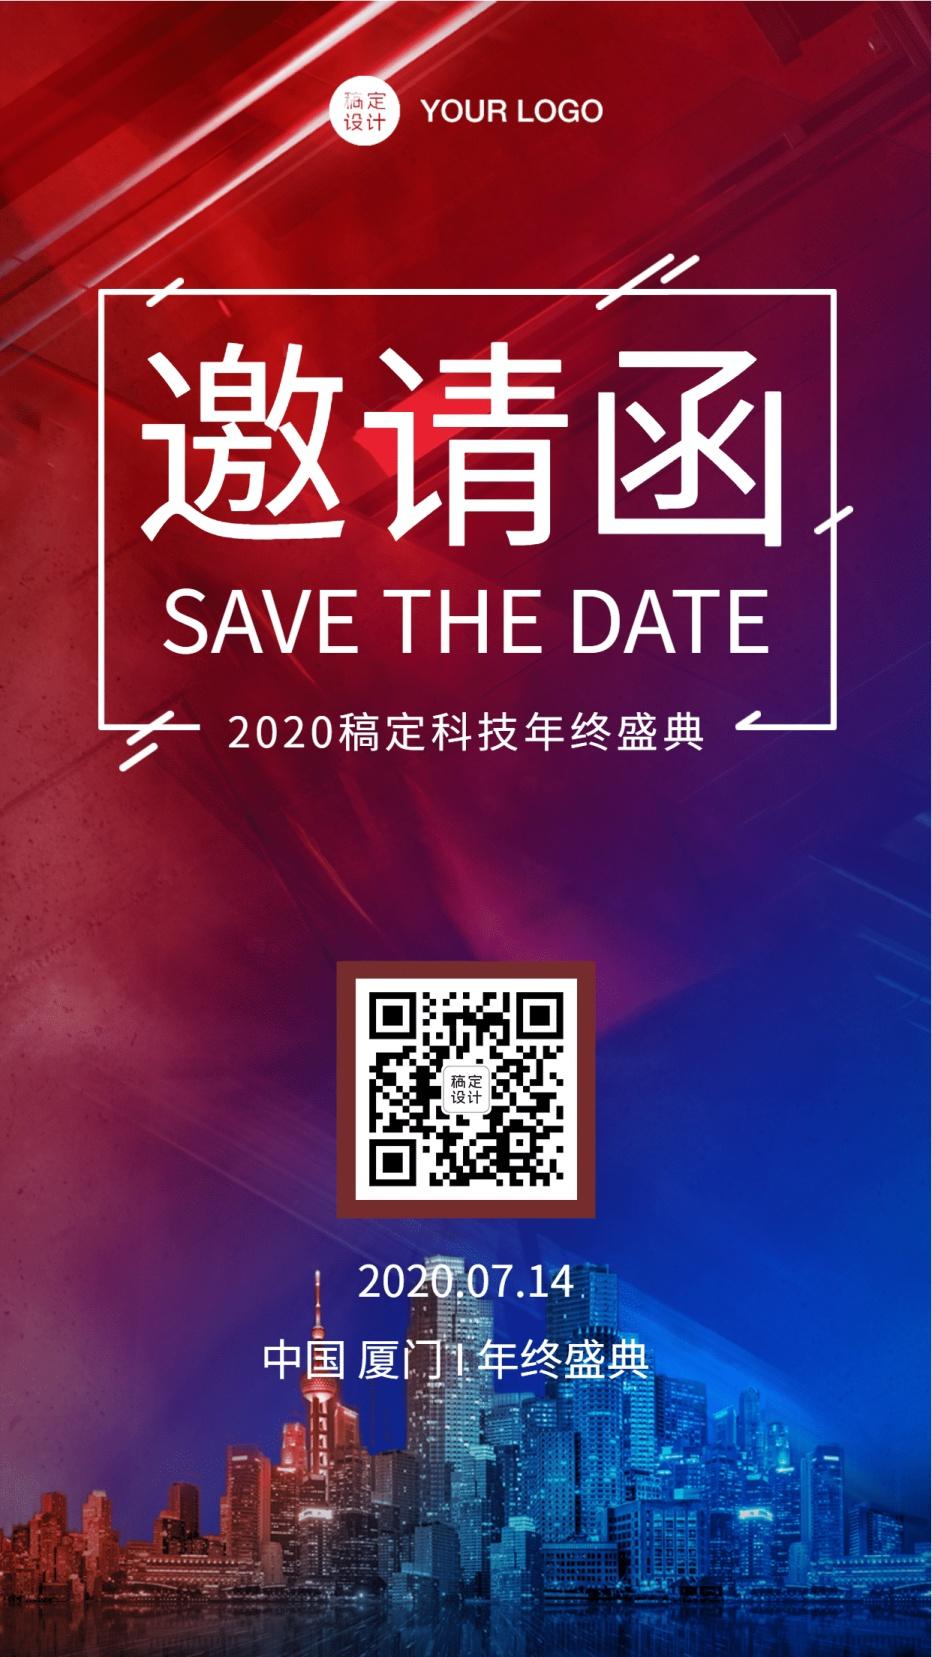 邀请函建筑红蓝炫彩灯光上海夜景